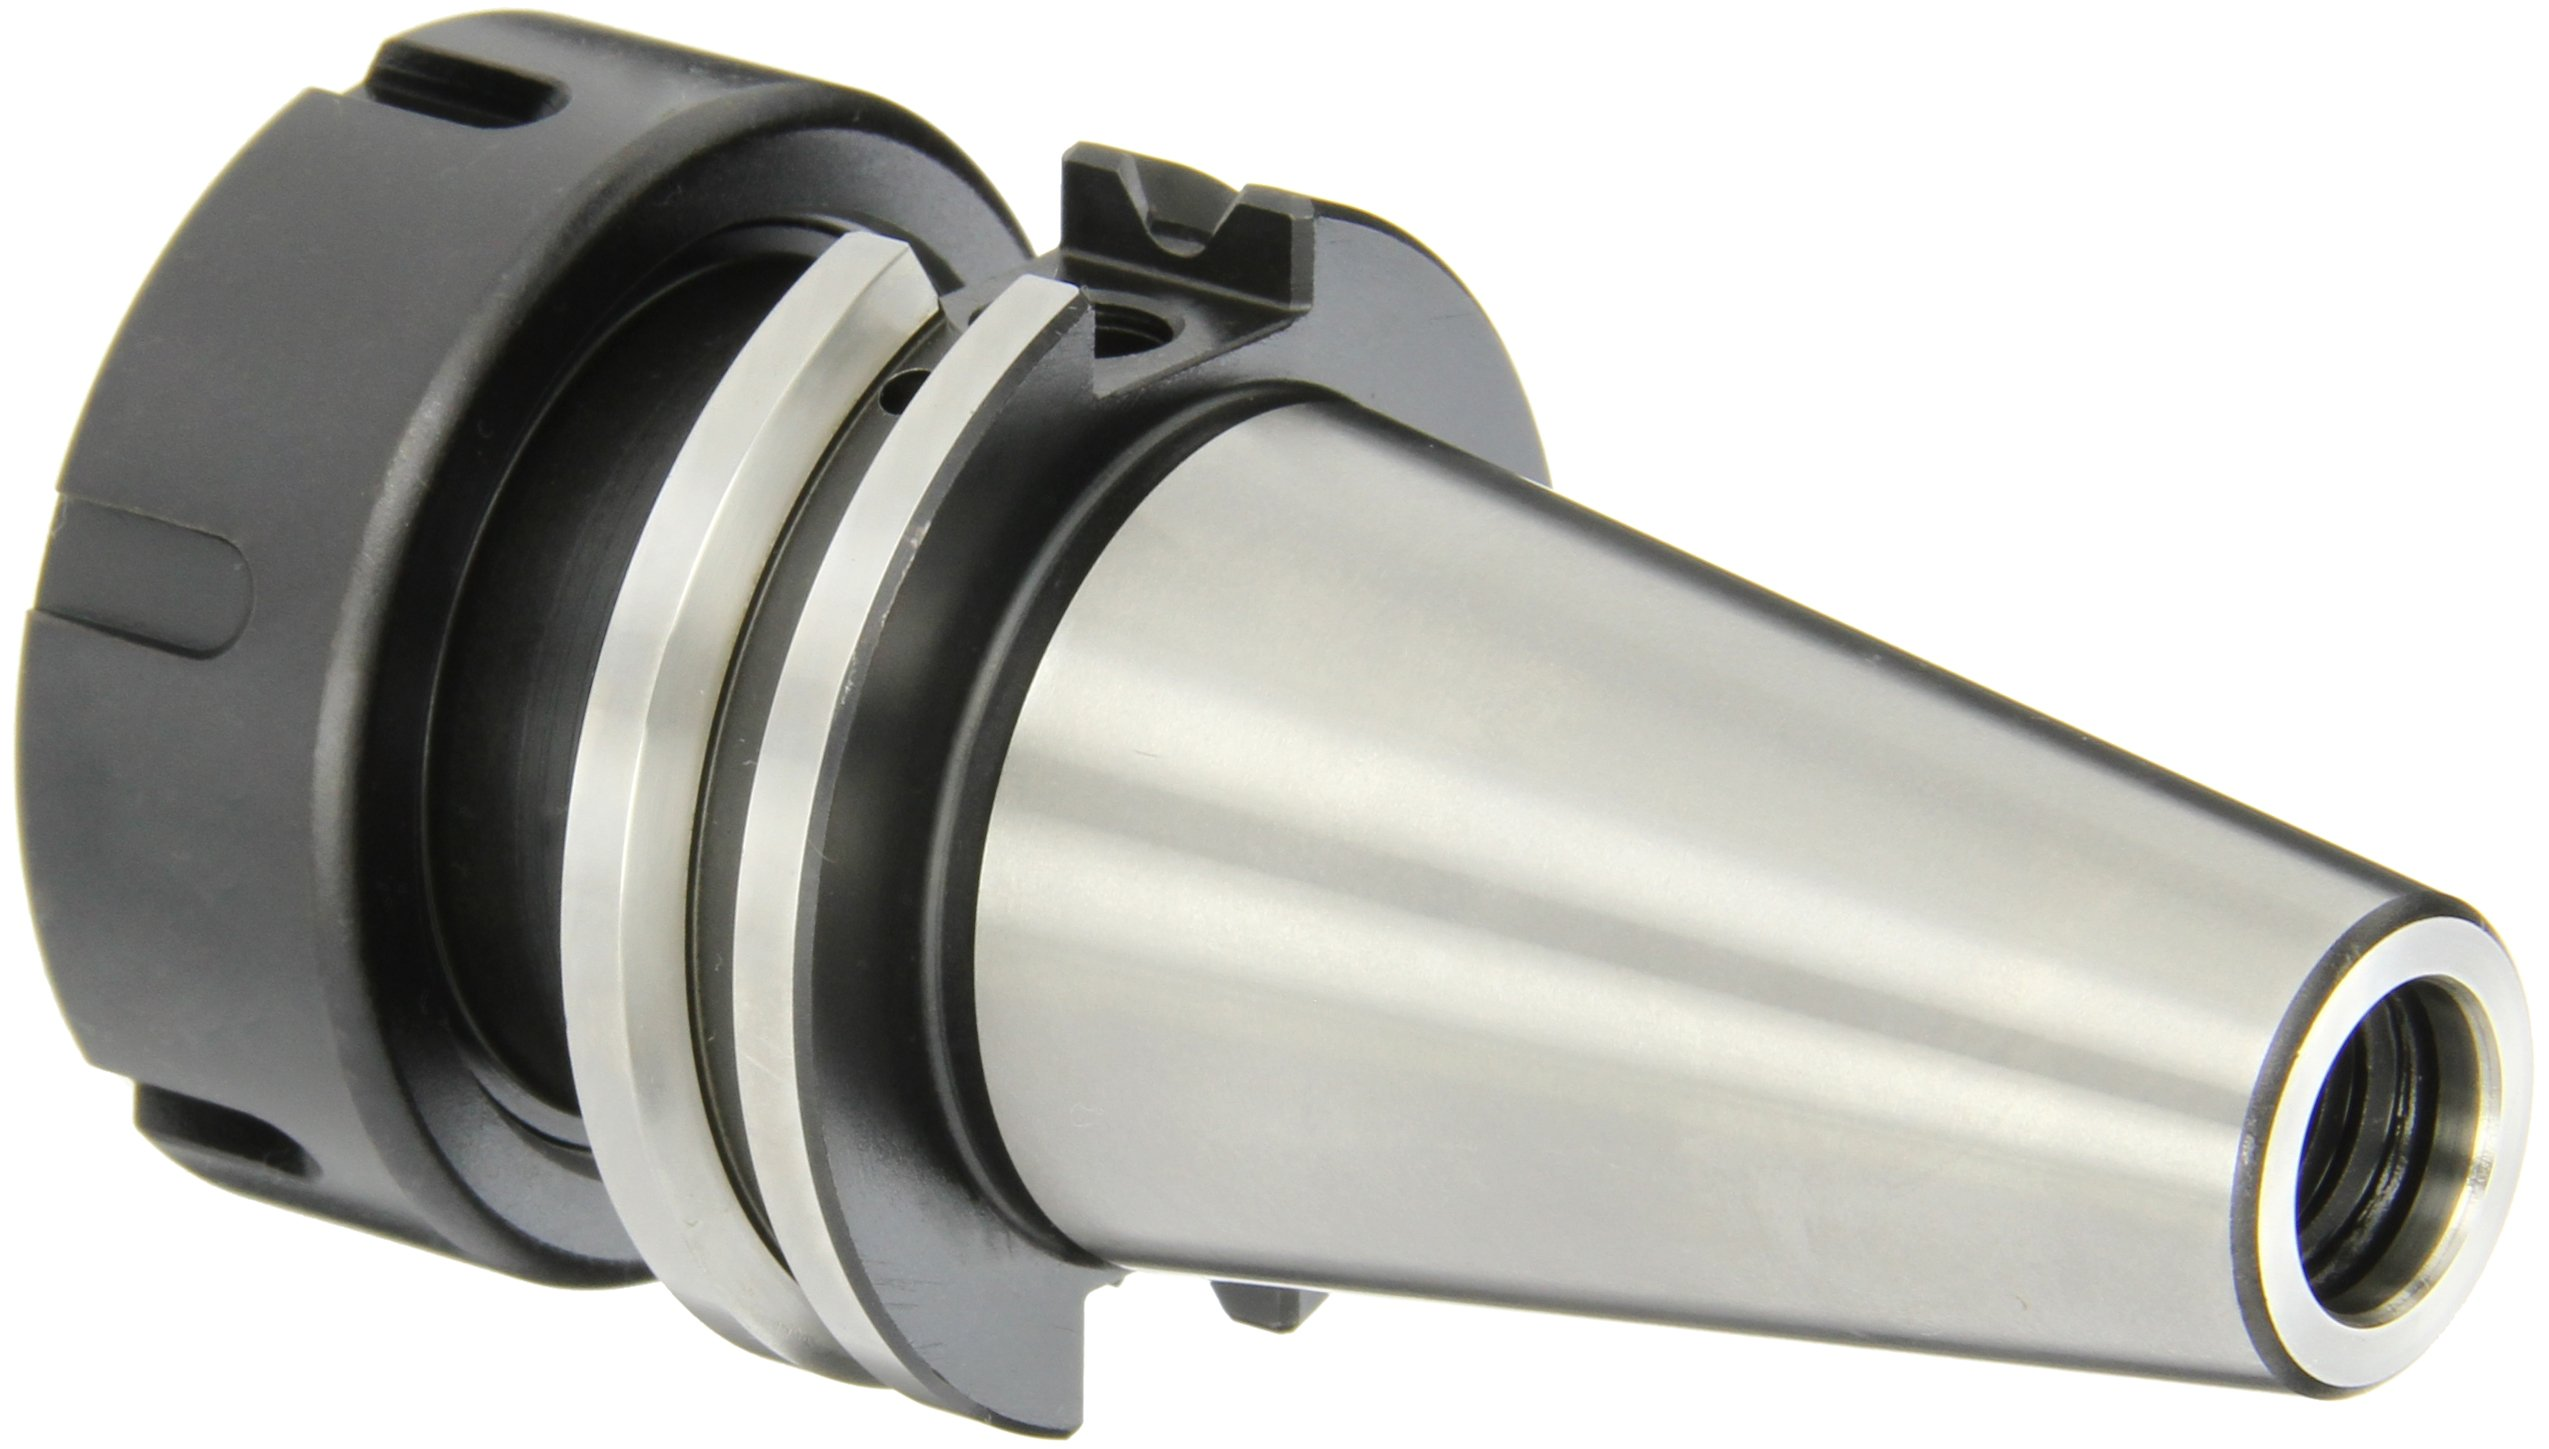 Dorian Tool ER40 CAT40 Shank Alloy Steel 8620 Collet Holder, 2.5'' Projection, 2.48'' Nose Diameter, 0.118'' - 1.023'' Collet Range